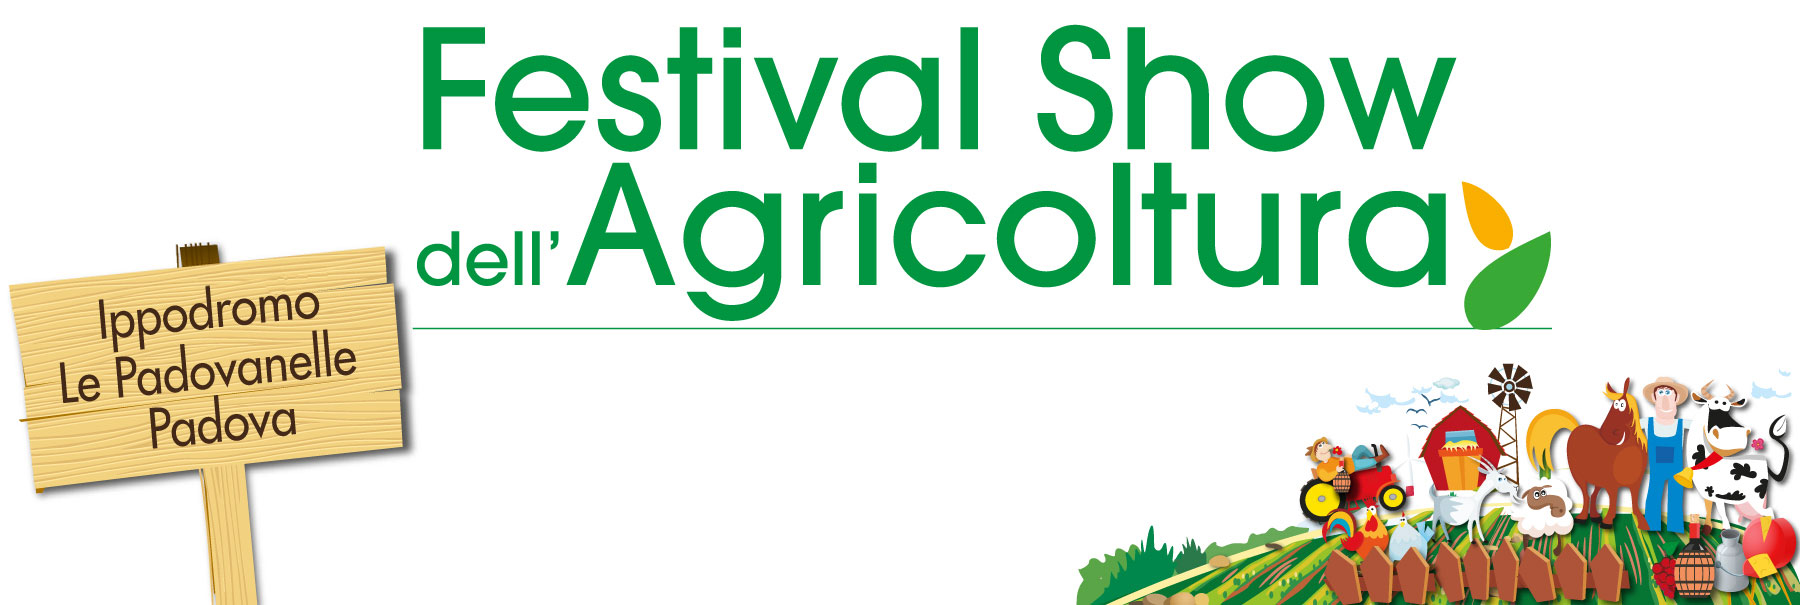 Festival Show dell'Agricoltura